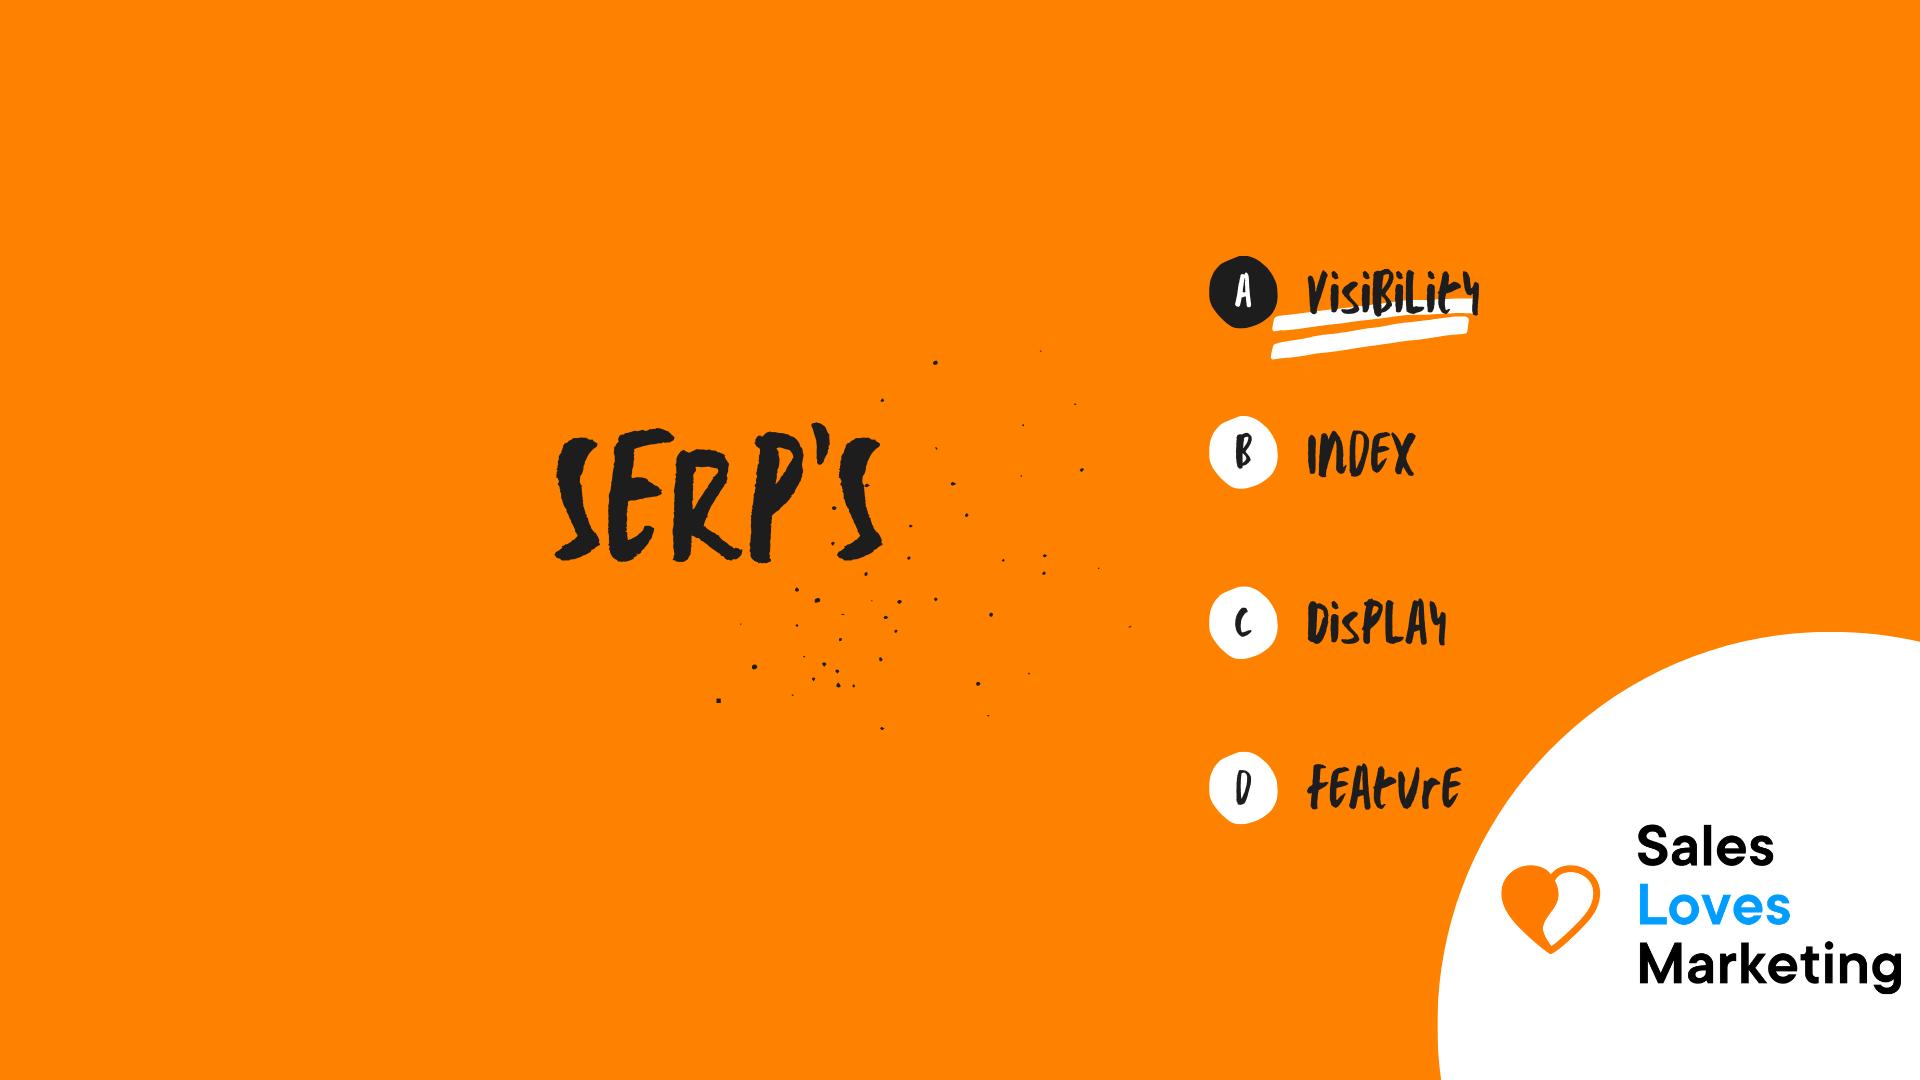 SERP's